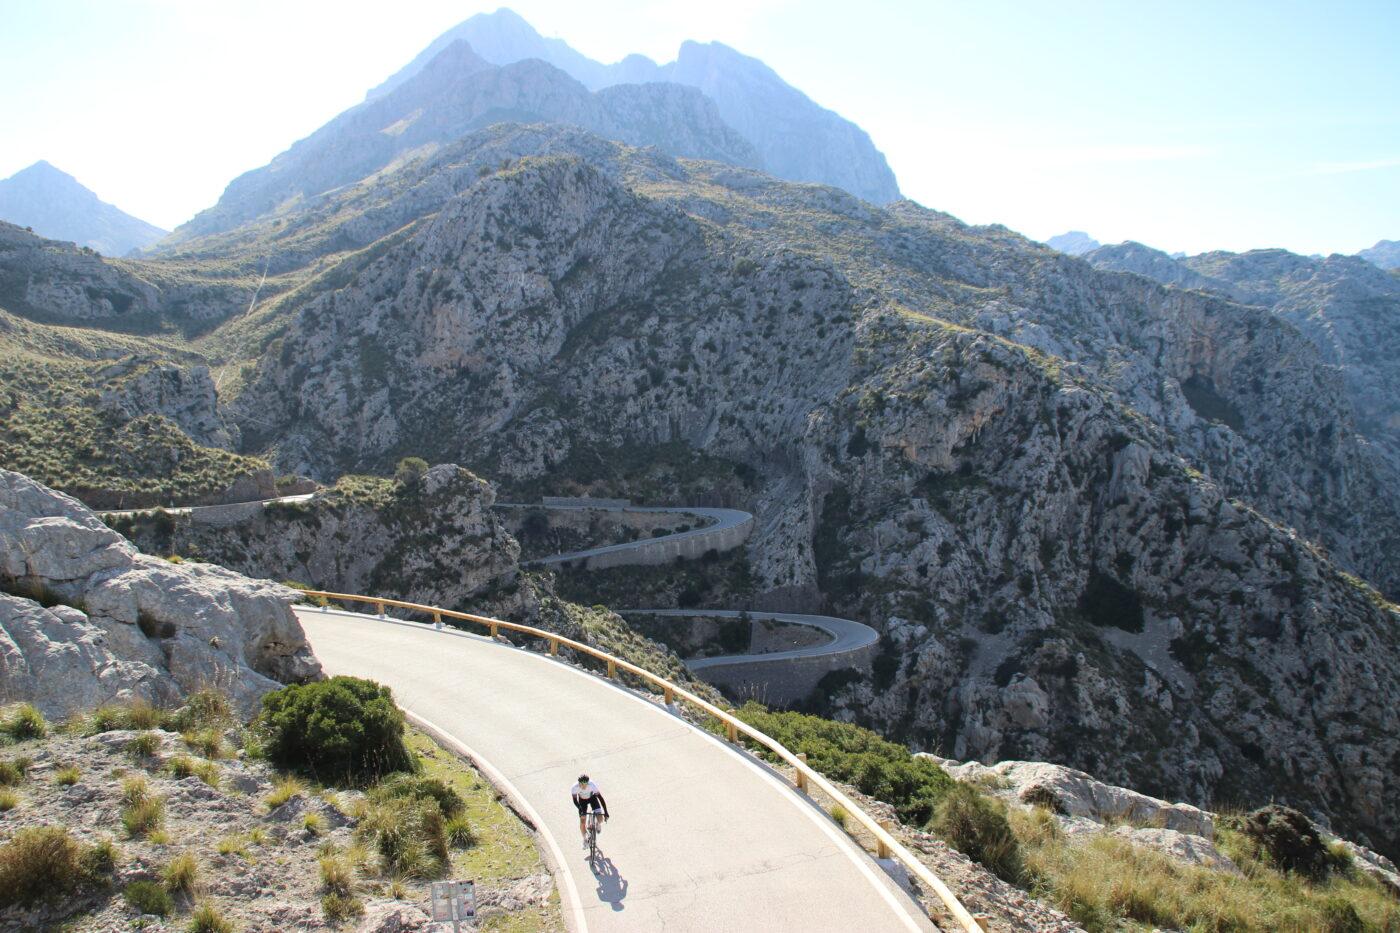 Wielrennen op Mallorca - Ruben van Kempen - Sa Calobra